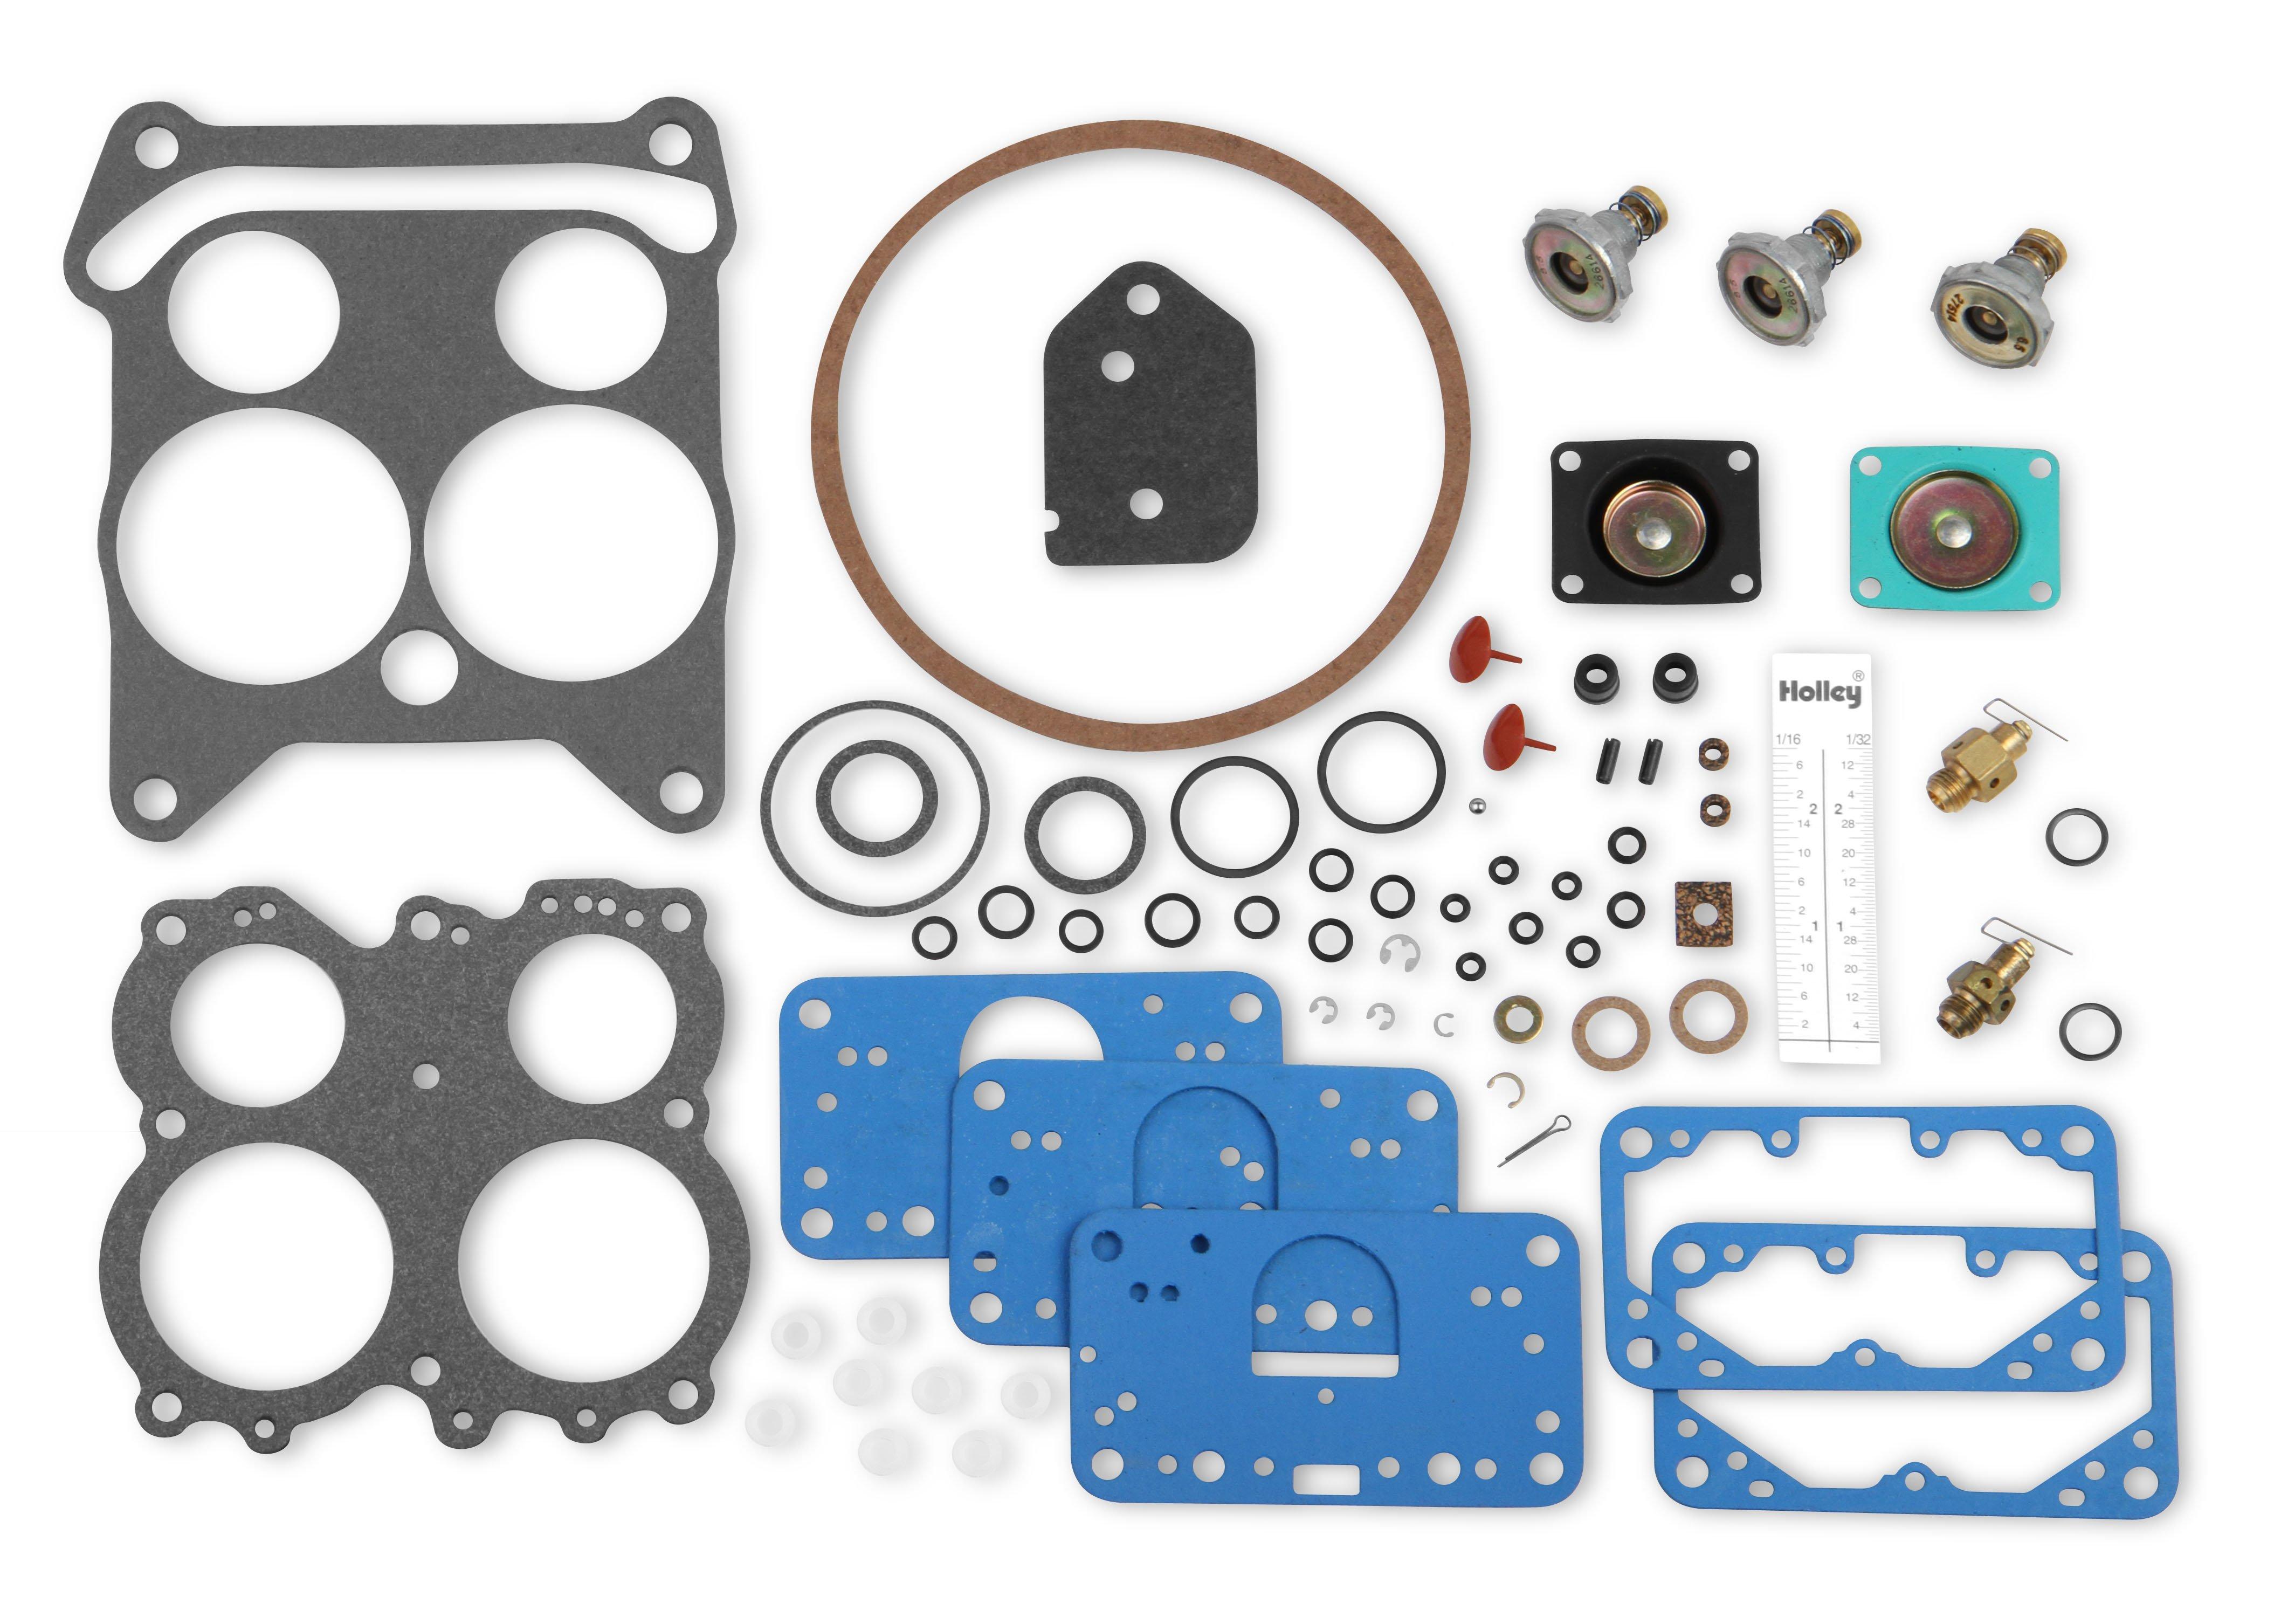 SUPERIOR Double Pumper Carburetor Rebuild Kit Carb Parts